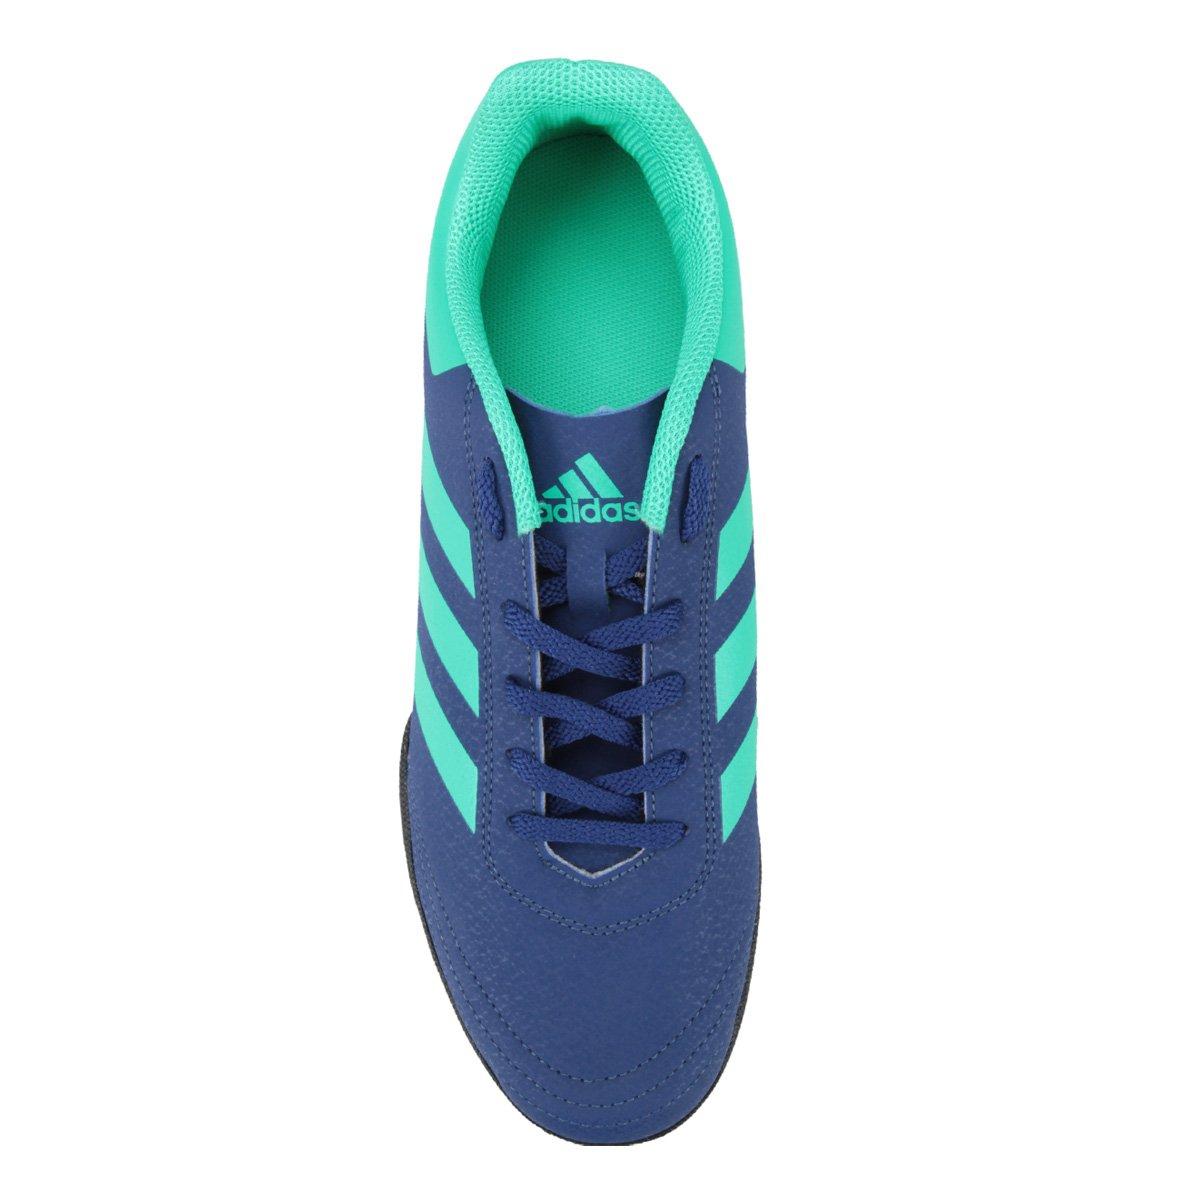 95af8b4d7f Chuteira Society Adidas Goletto 6 TF - Azul e Verde Água - Compre ...